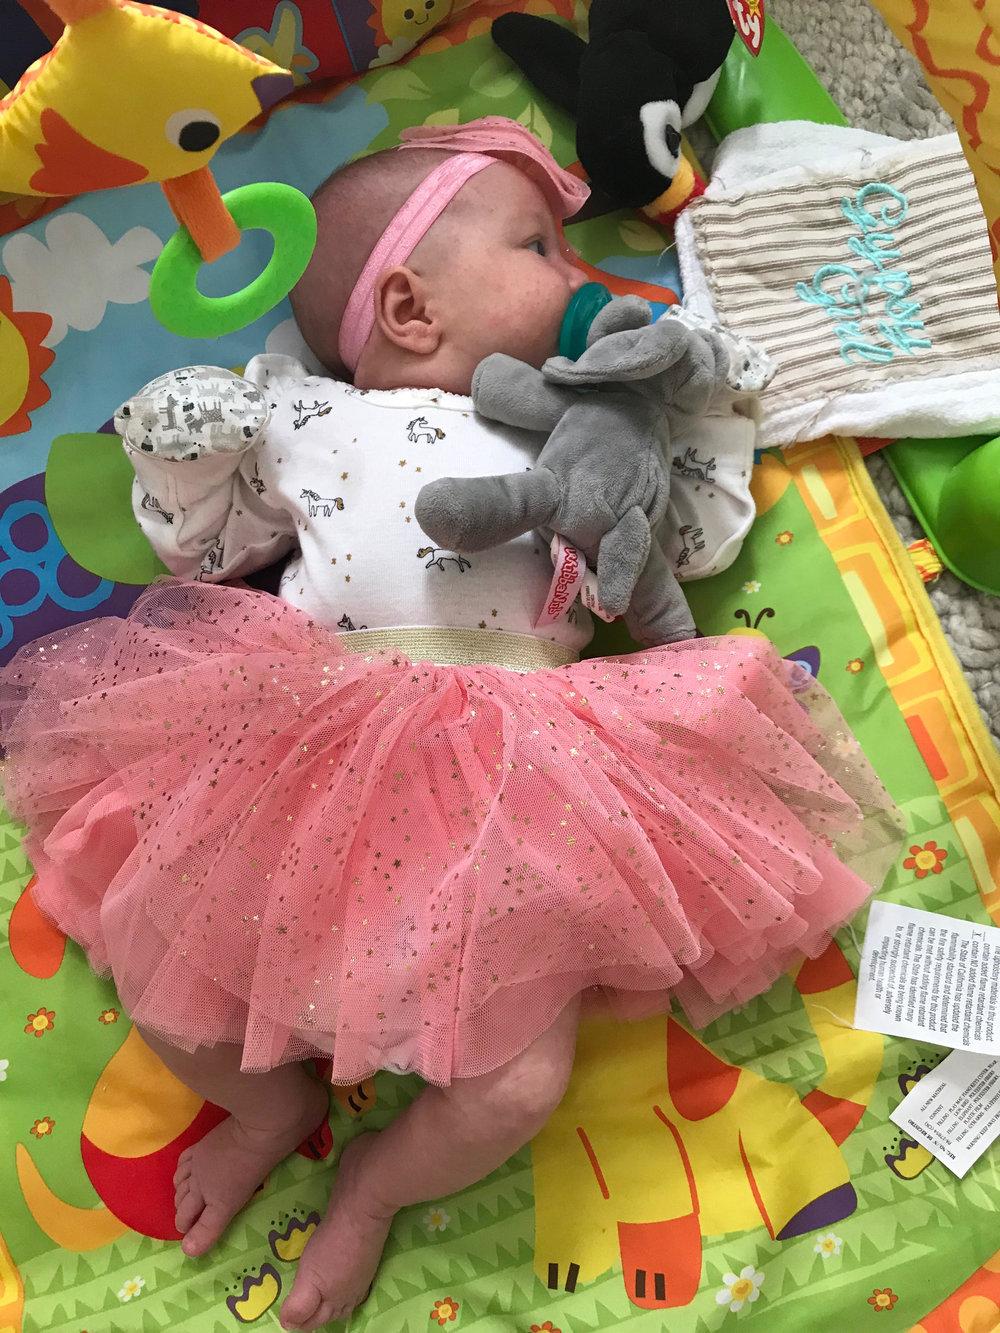 She is little! She is fierce! She looks great in a tutu!